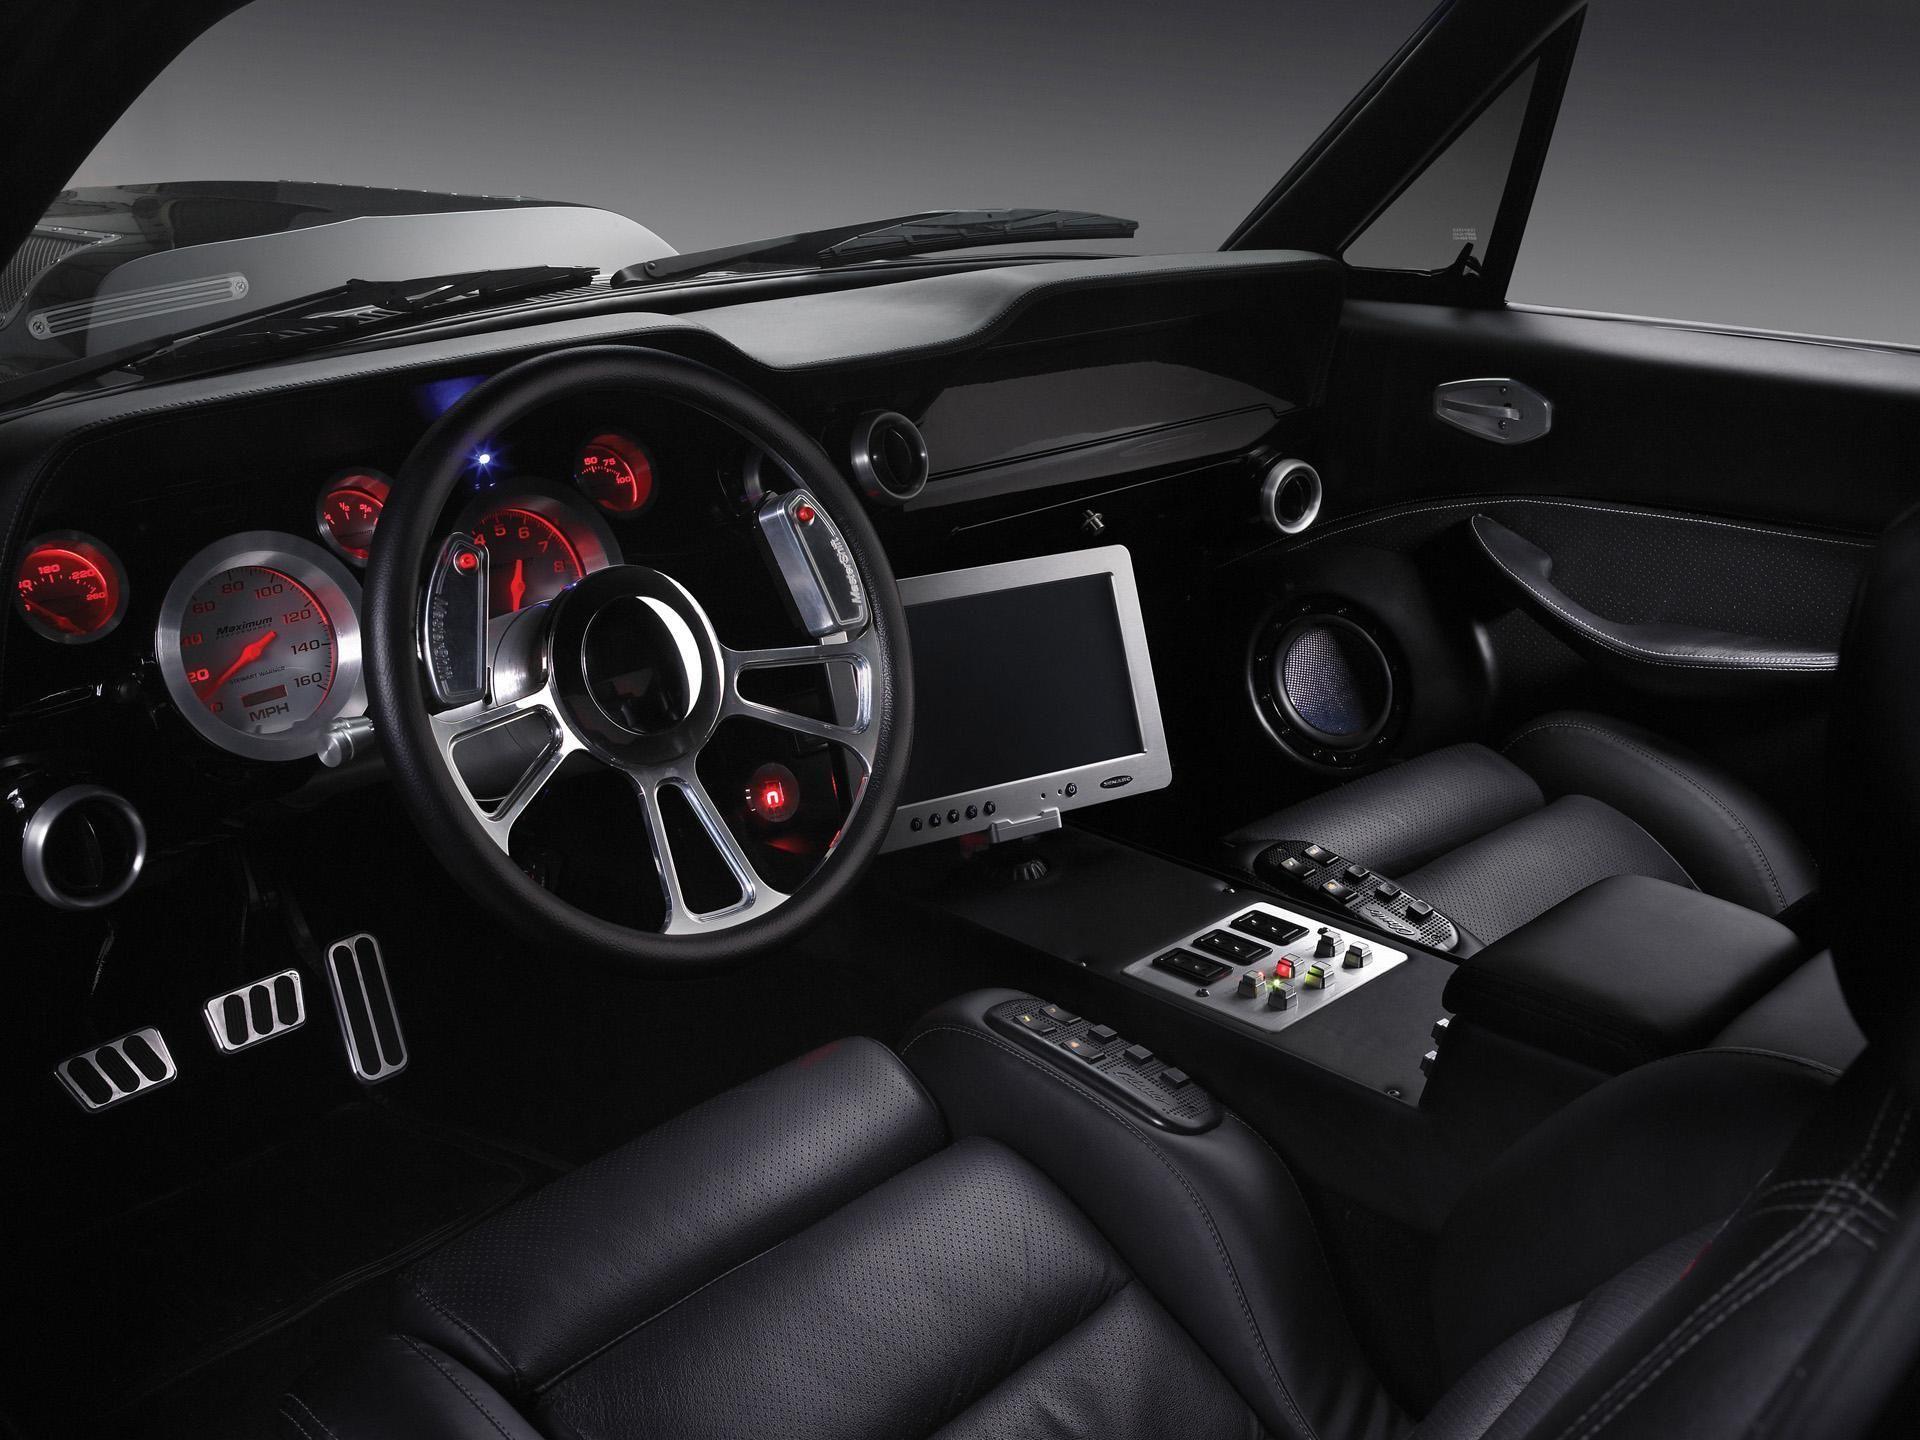 Desktophdwallpaper Org Mustang Camaro Interior First Mustang